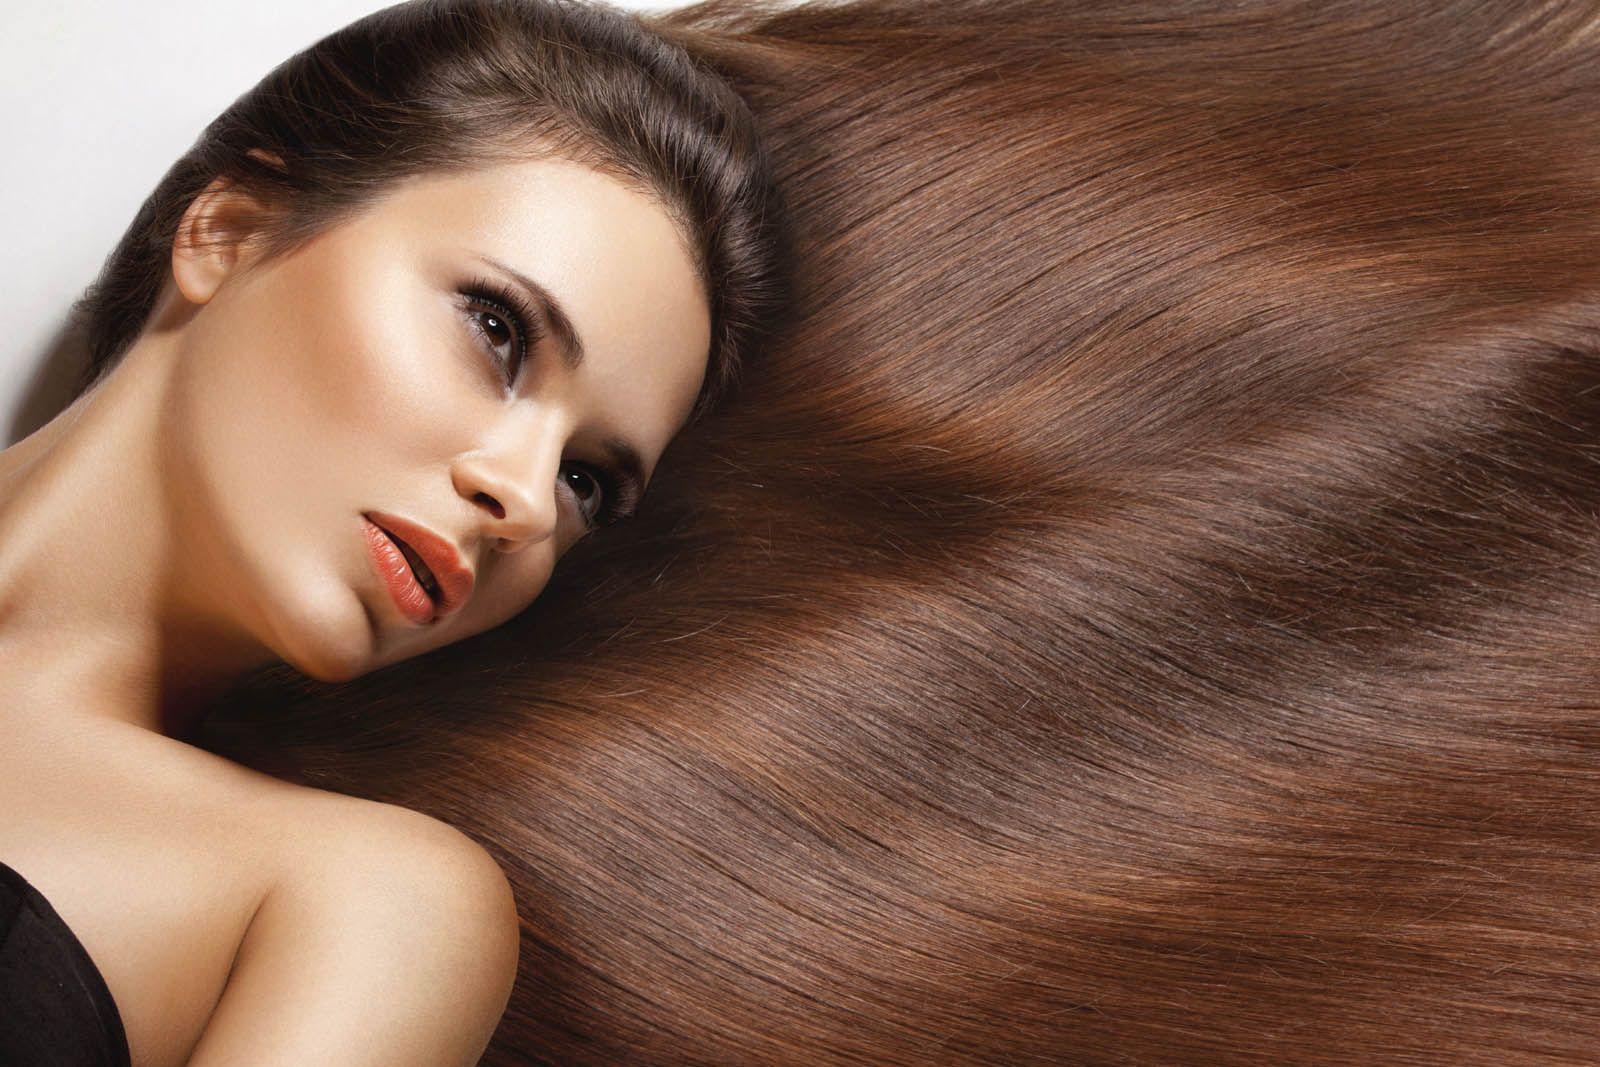 Желатиновая маска для волос: блестящий эффект ламинирования и выпрямления в домашних условиях